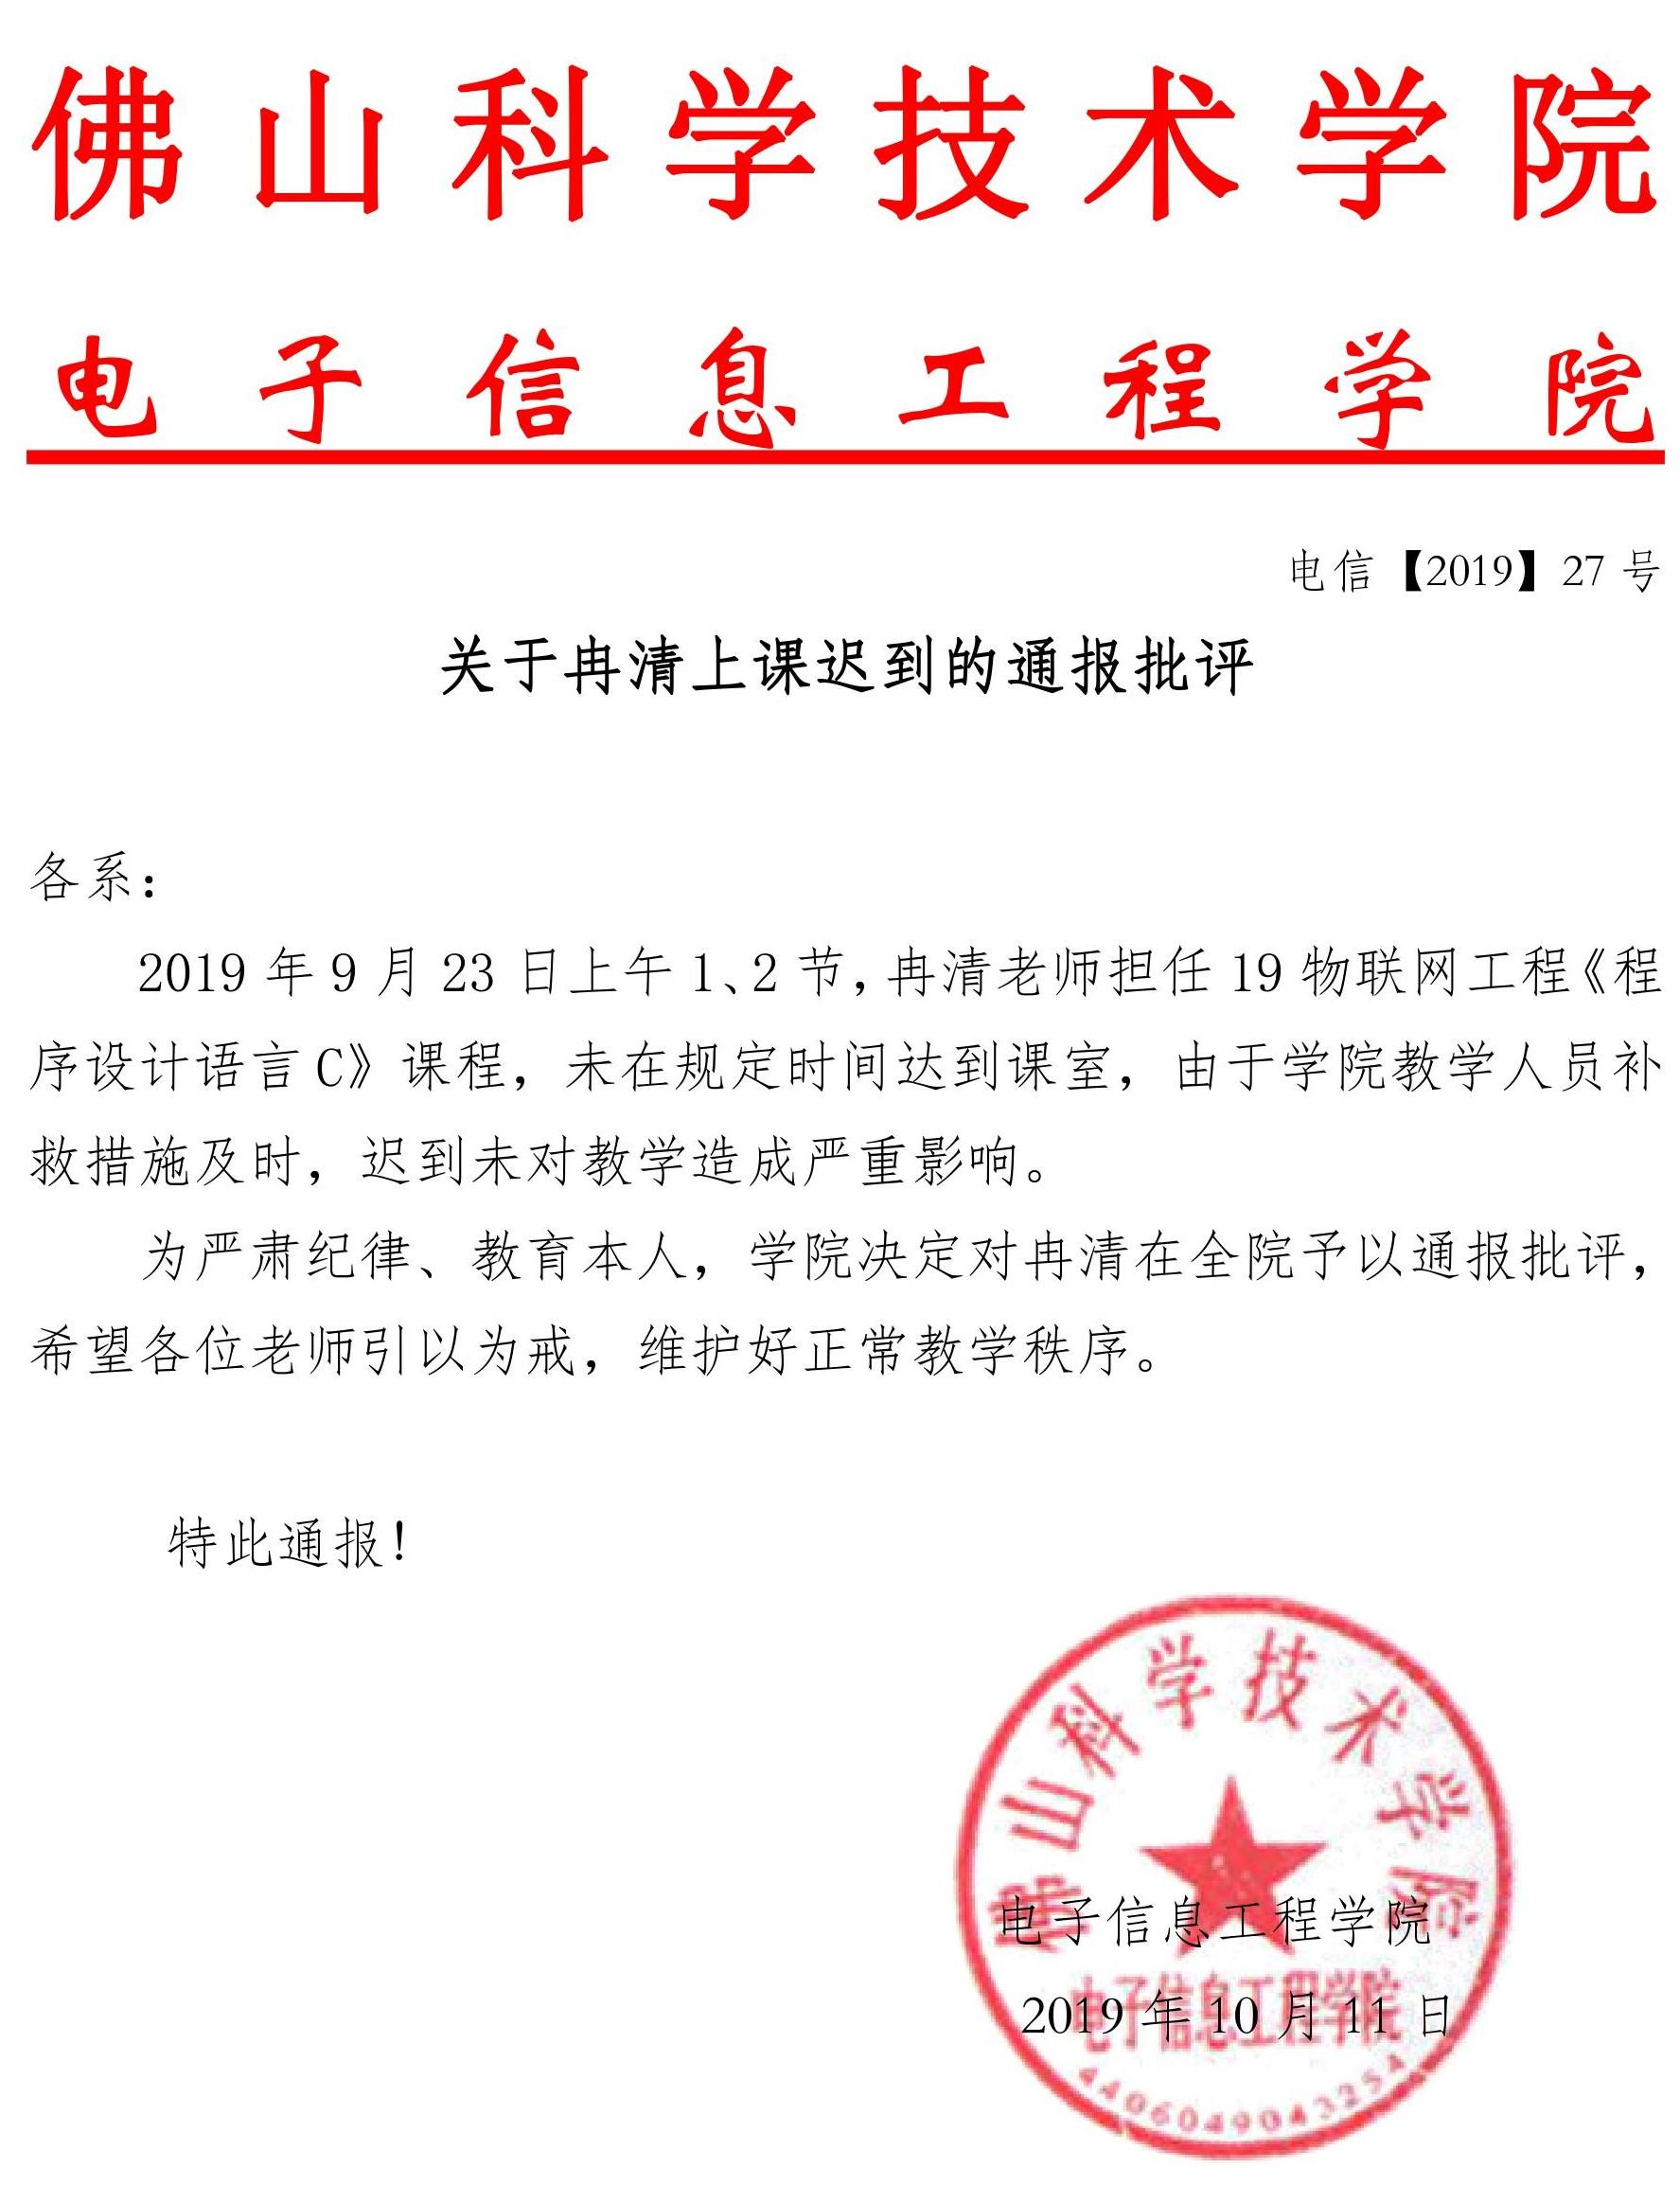 201901011关于冉清上课迟到的通报批评(2019 电信 27号文)